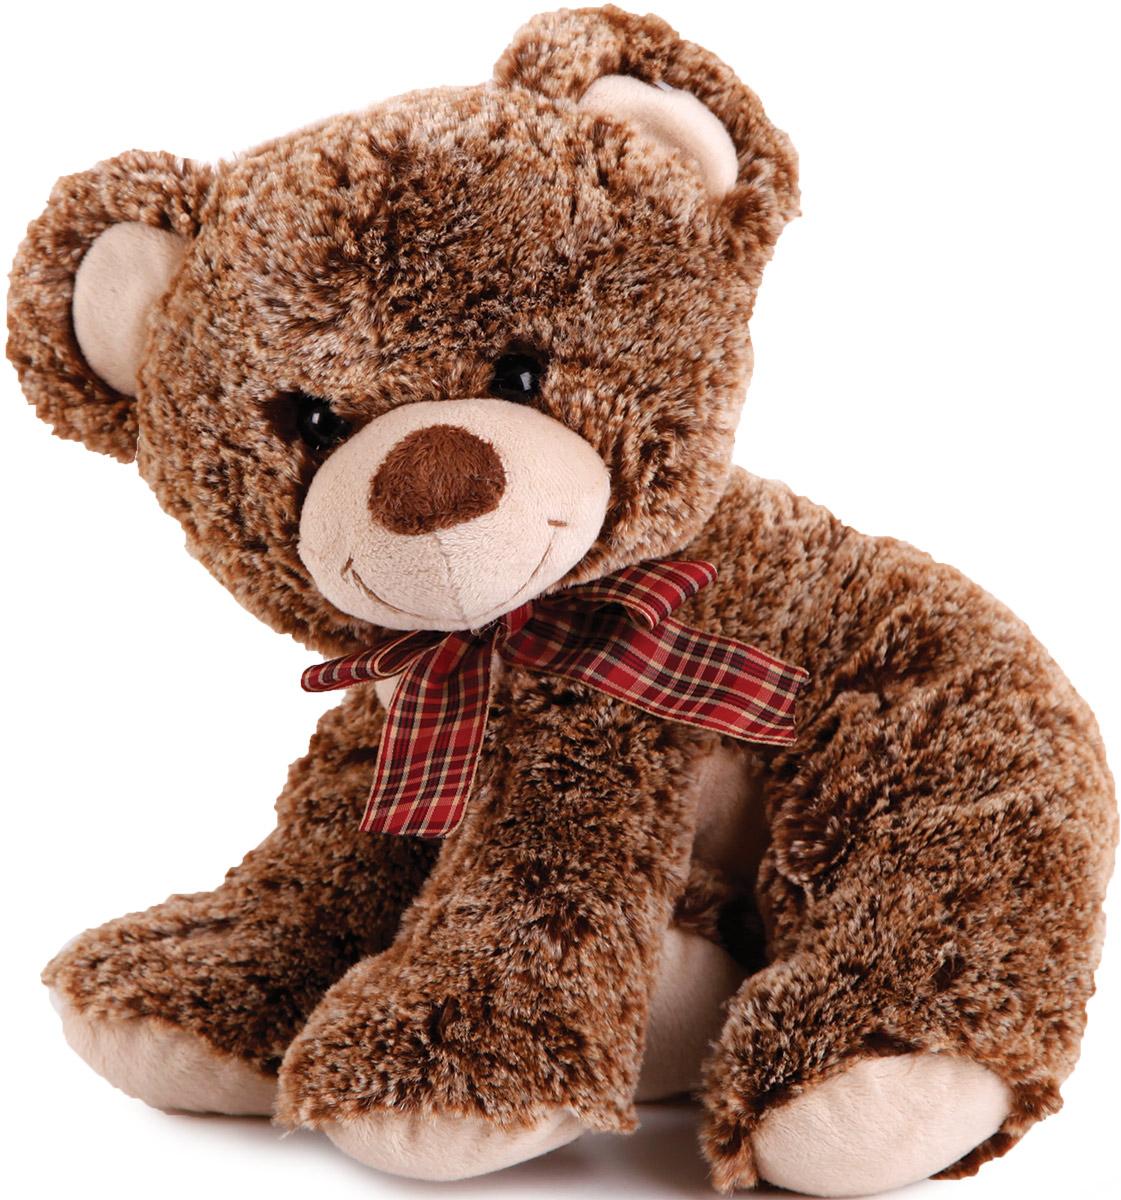 мягкая игрушка медведь фото простыми них